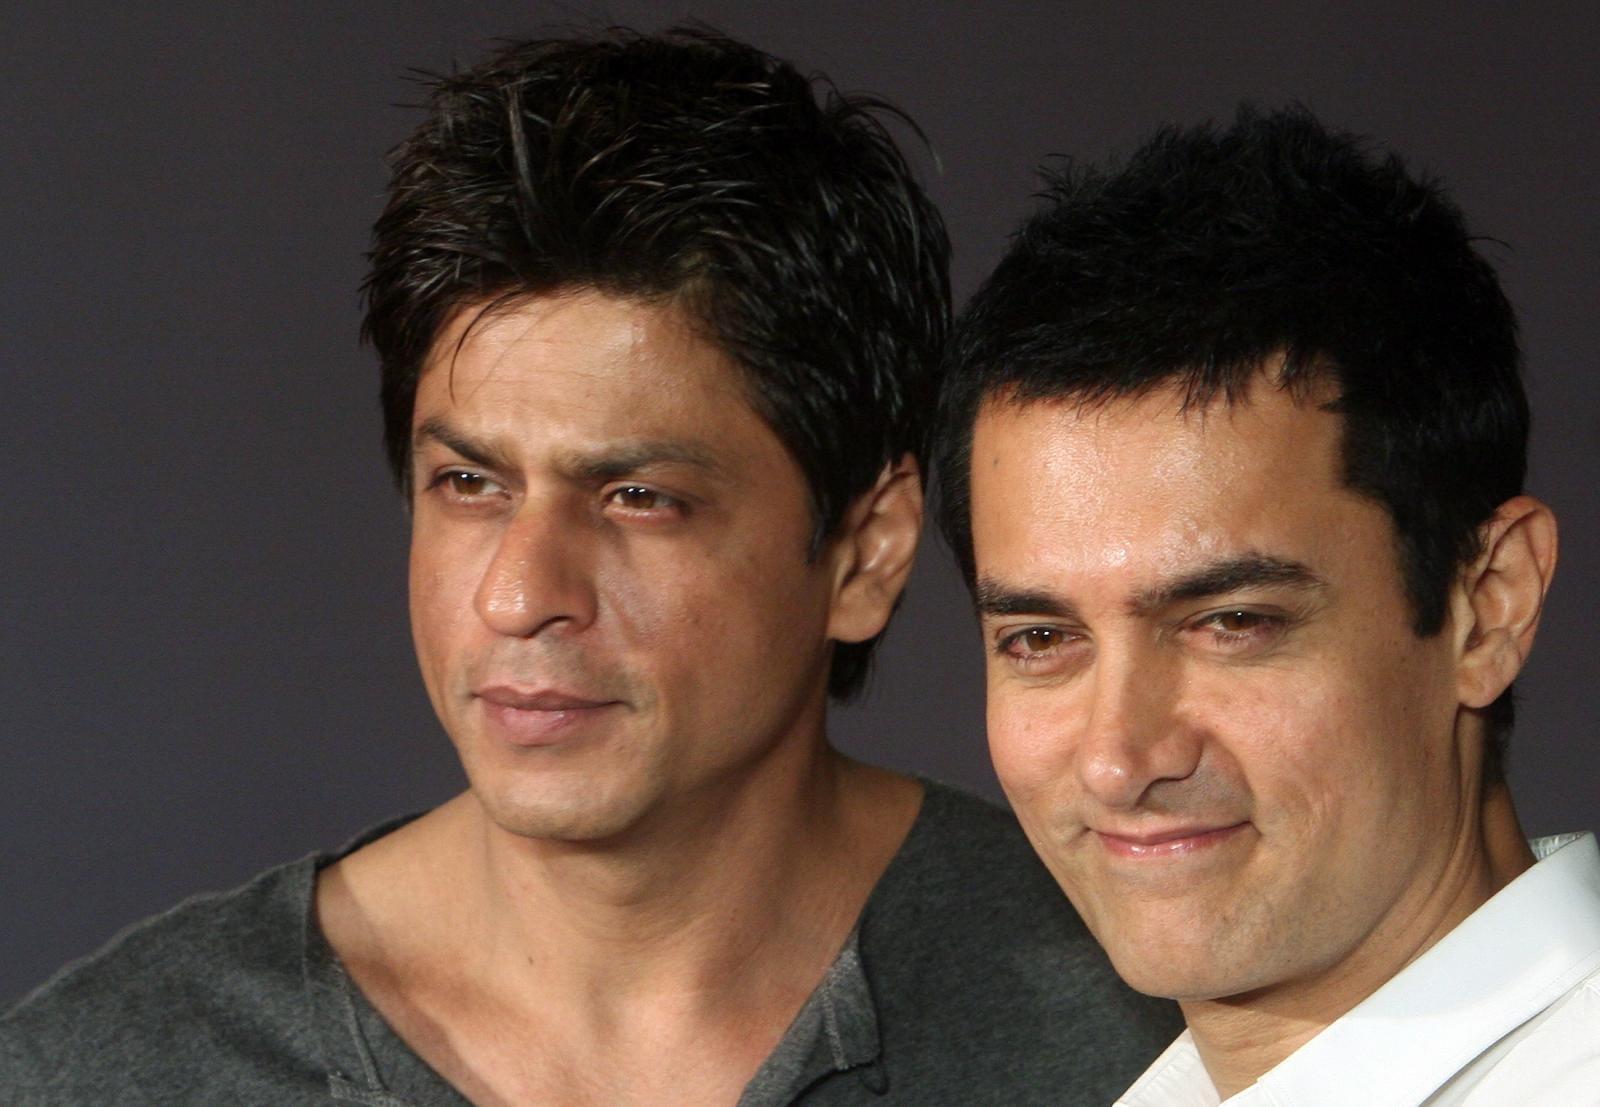 Shahrukh khan and Aamir Khan